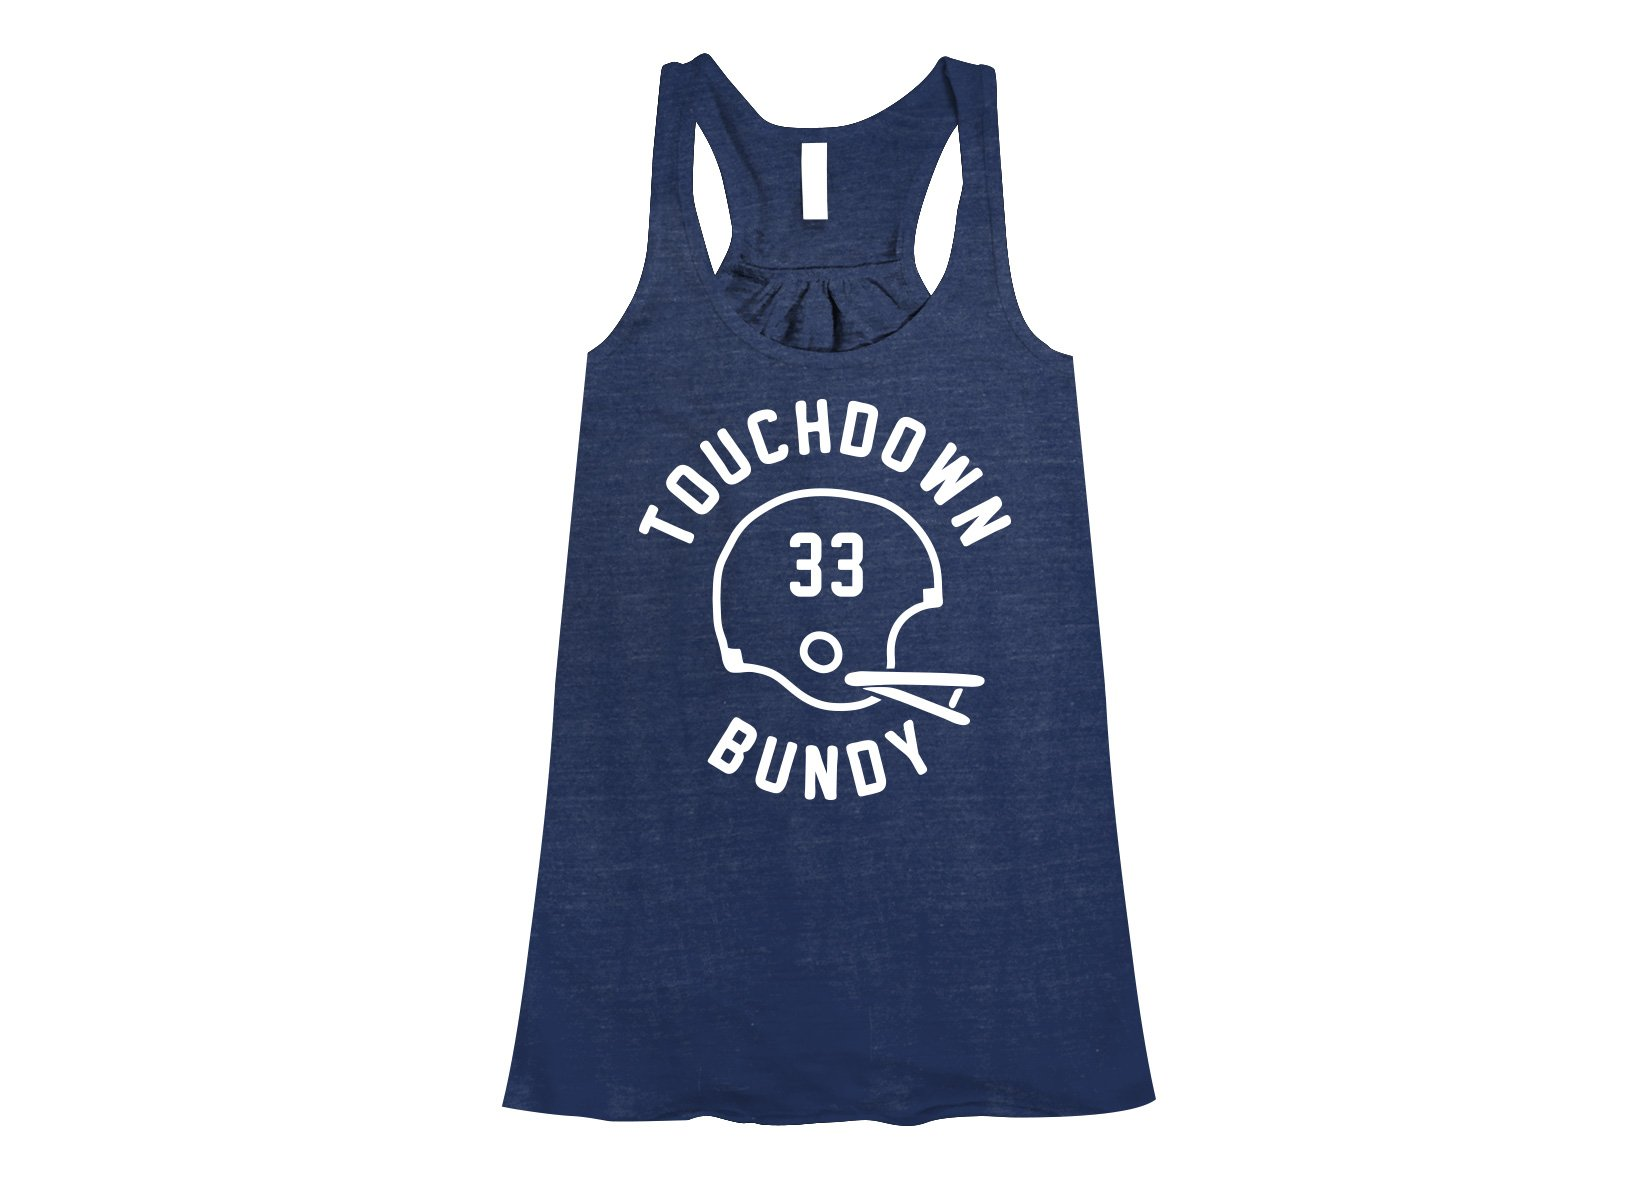 Touchdown Bundy on Womens Tanks T-Shirt